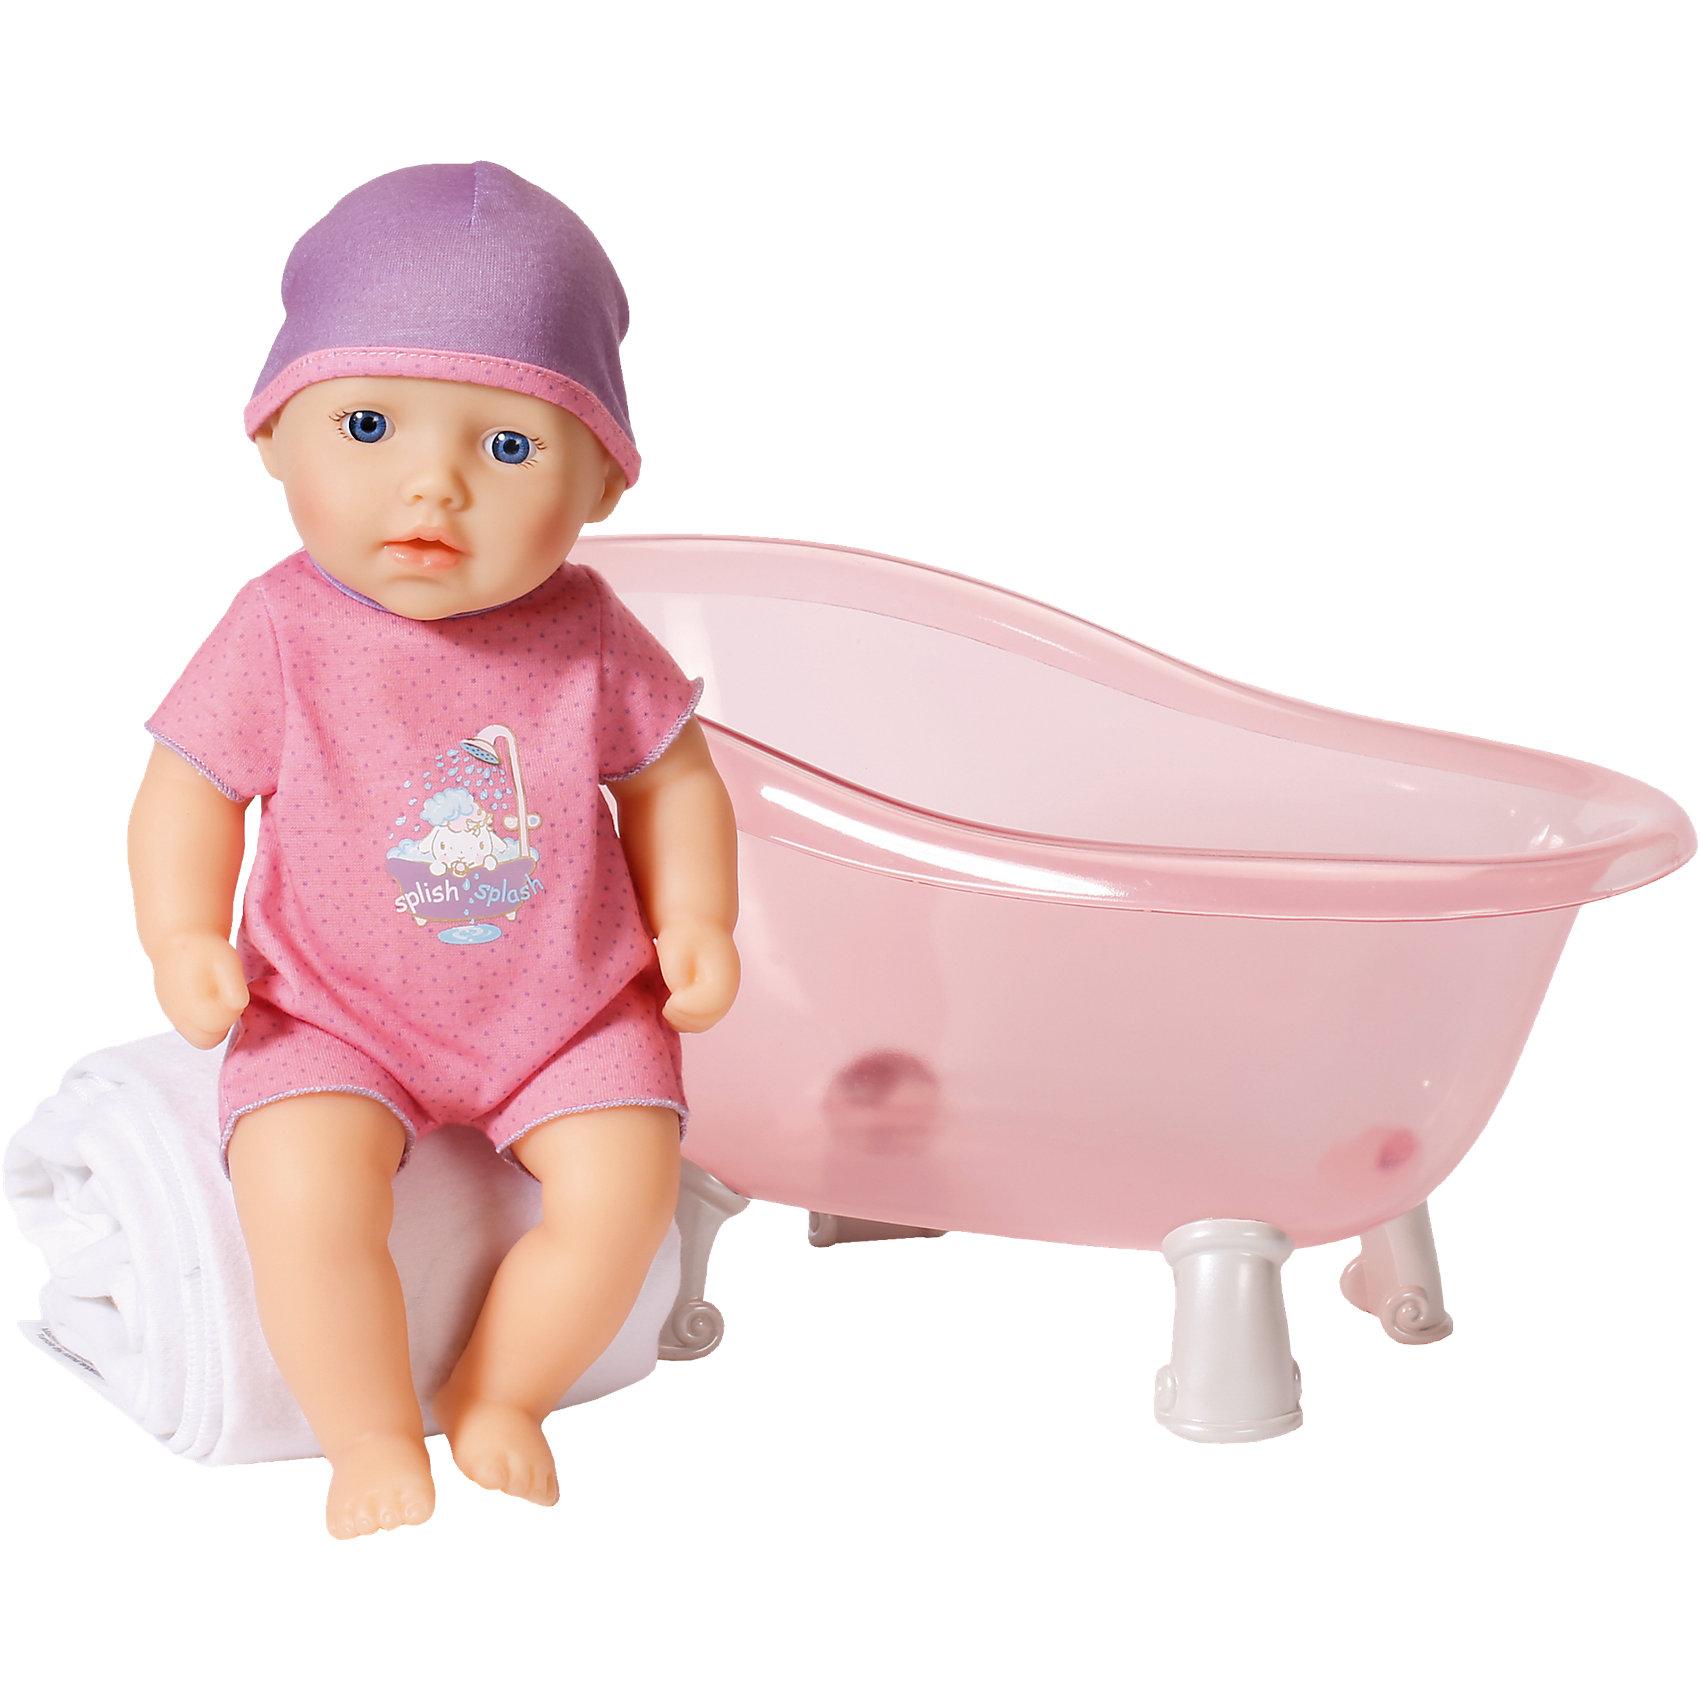 Кукла твердотелая с ванночкой, 30 см, my first Baby AnnabellБренды кукол<br>Кукла твердотелая с ванночкой, 30 см, my first Baby Annabell<br><br>Характеристики:<br><br>• В набор входит: кукла, одежда, ванночка<br>• Состав: пластик, текстиль<br>• Высота куклы: 30 см.<br>• Размер упаковки: 36 * 20 * 26 см.<br>• Для детей в возрасте: от 1 года<br>• Страна производитель: Китай<br><br>Красивая классическая ванночка с прозрачными бортиками позволит ребёнку видеть как купается кукла и поможет окружить куклу самой нежной заботой. Ванна на резных ножках легка на подъем и быстро наполняется водой, при желании вы можете добавить мыльный раствор или пену. Сама кукла станет отличной первой куклой-игрушкой от бренда Zapf Creation (Зап Криэйшен). <br><br>Эта пластиковая куколка не боится воды, её можно обрабатывать дезинфицирующими средствами, а одежду стирать, поэтому она подходит даже малышам. Размер куклы составляет 30 см., что меньше других кукол бренда. В комплект вошёл красивый комбинезончик с рисунком малыша принимающего ванну и шапочка в тон.<br><br>Куклу твердотелую с ванночкой, 30 см, my first Baby Annabell можно купить в нашем интернет-магазине.<br><br>Ширина мм: 389<br>Глубина мм: 271<br>Высота мм: 208<br>Вес г: 965<br>Возраст от месяцев: 12<br>Возраст до месяцев: 36<br>Пол: Женский<br>Возраст: Детский<br>SKU: 5093526